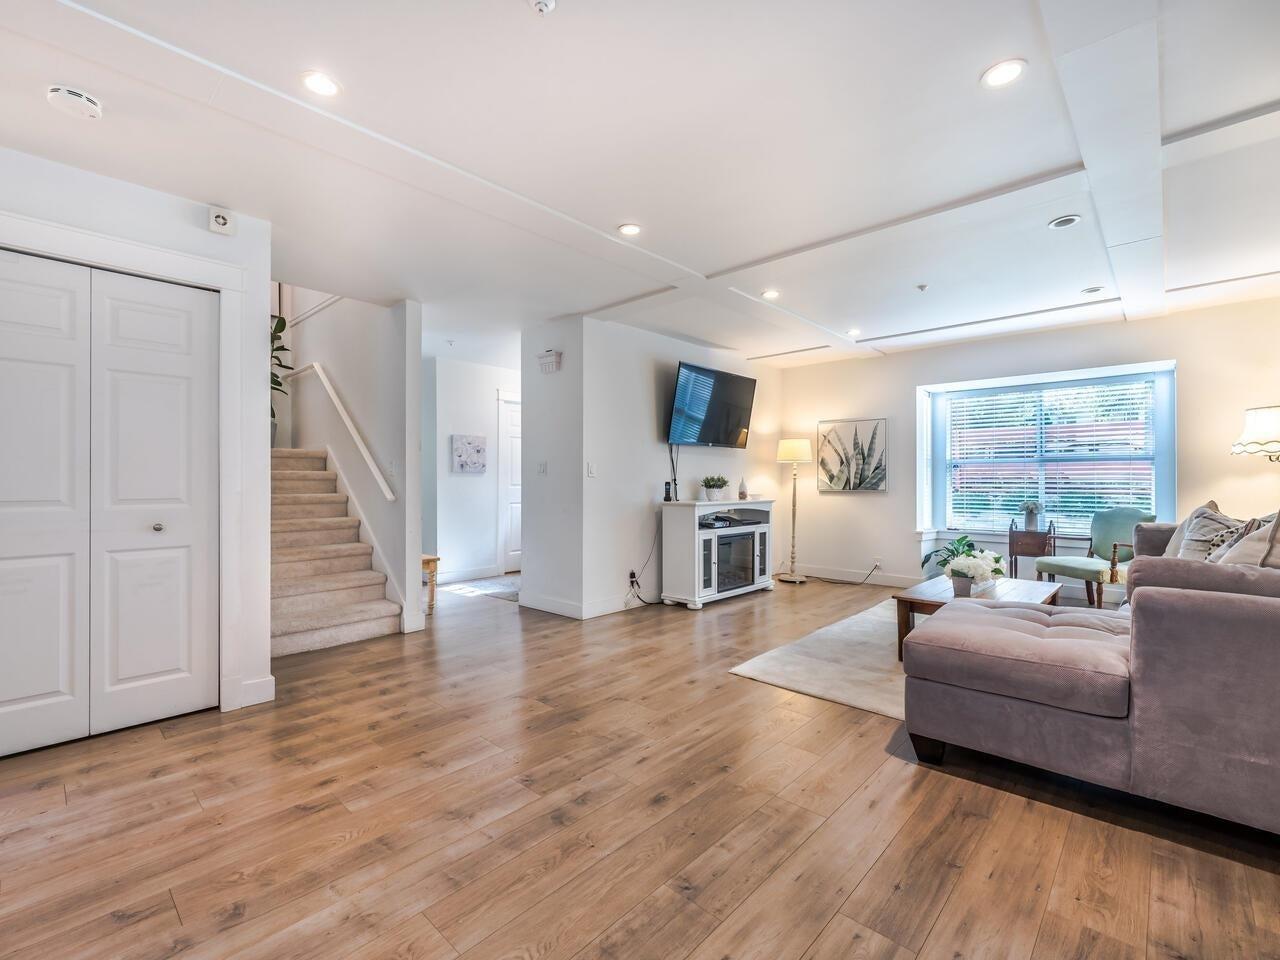 1231 E 11TH AVENUE - Mount Pleasant VE 1/2 Duplex for sale, 3 Bedrooms (R2625828) - #9